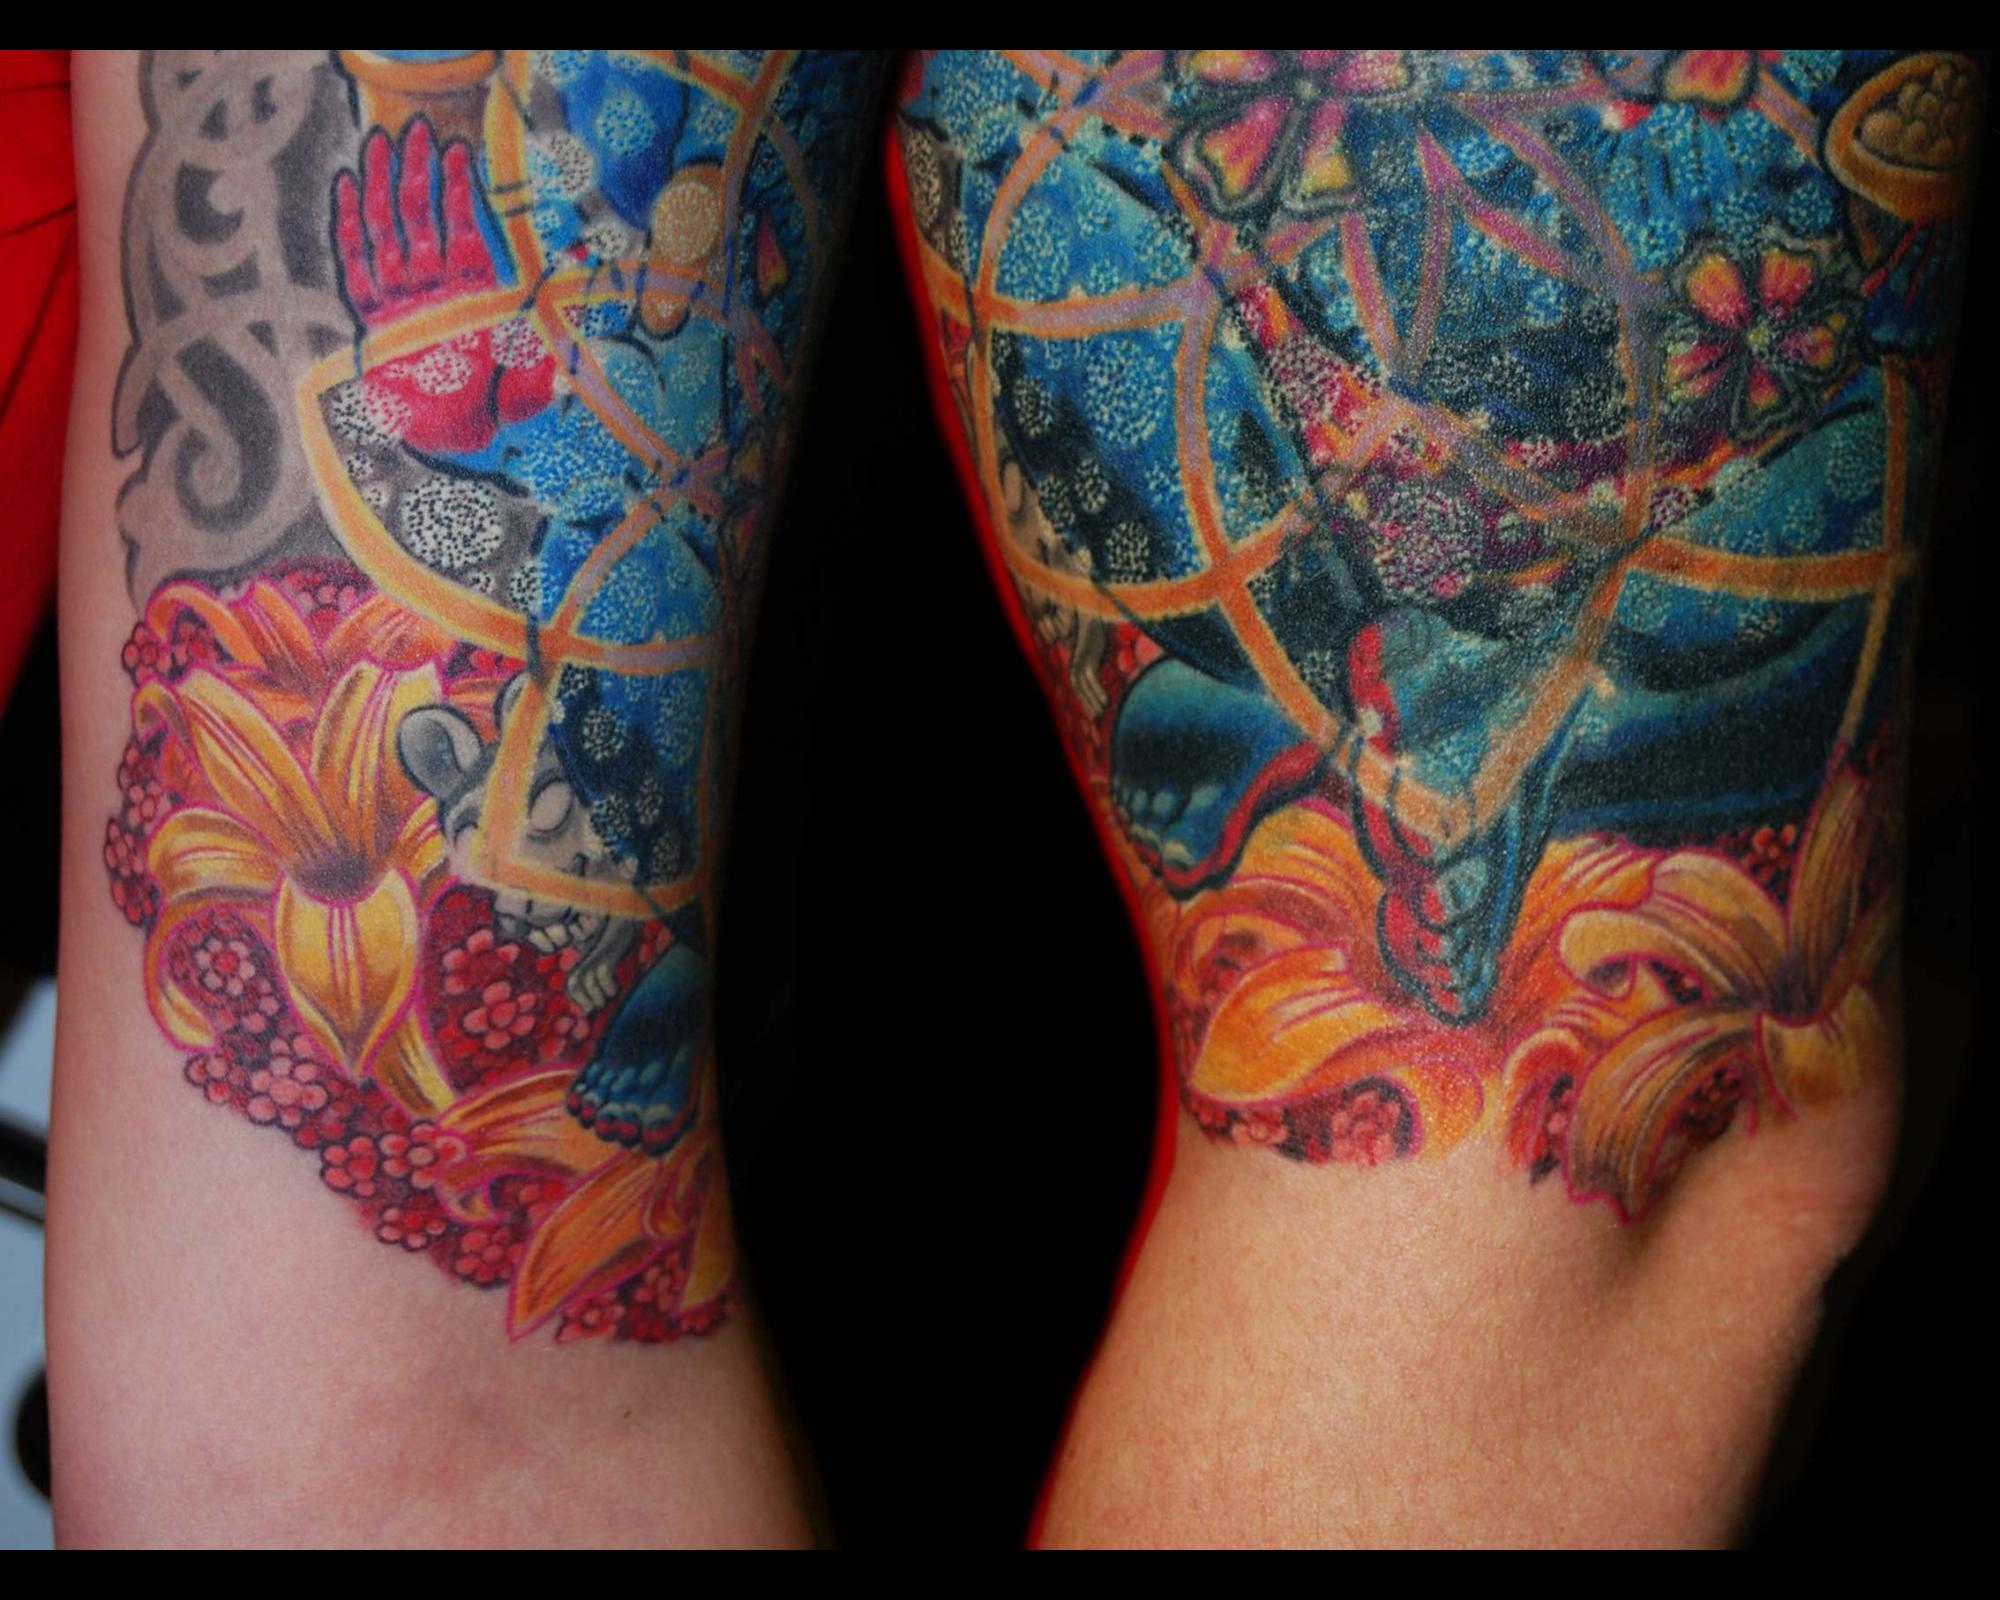 ueberdeckung-cover-up-tattoo-ganesha-blumen-muenchen-2